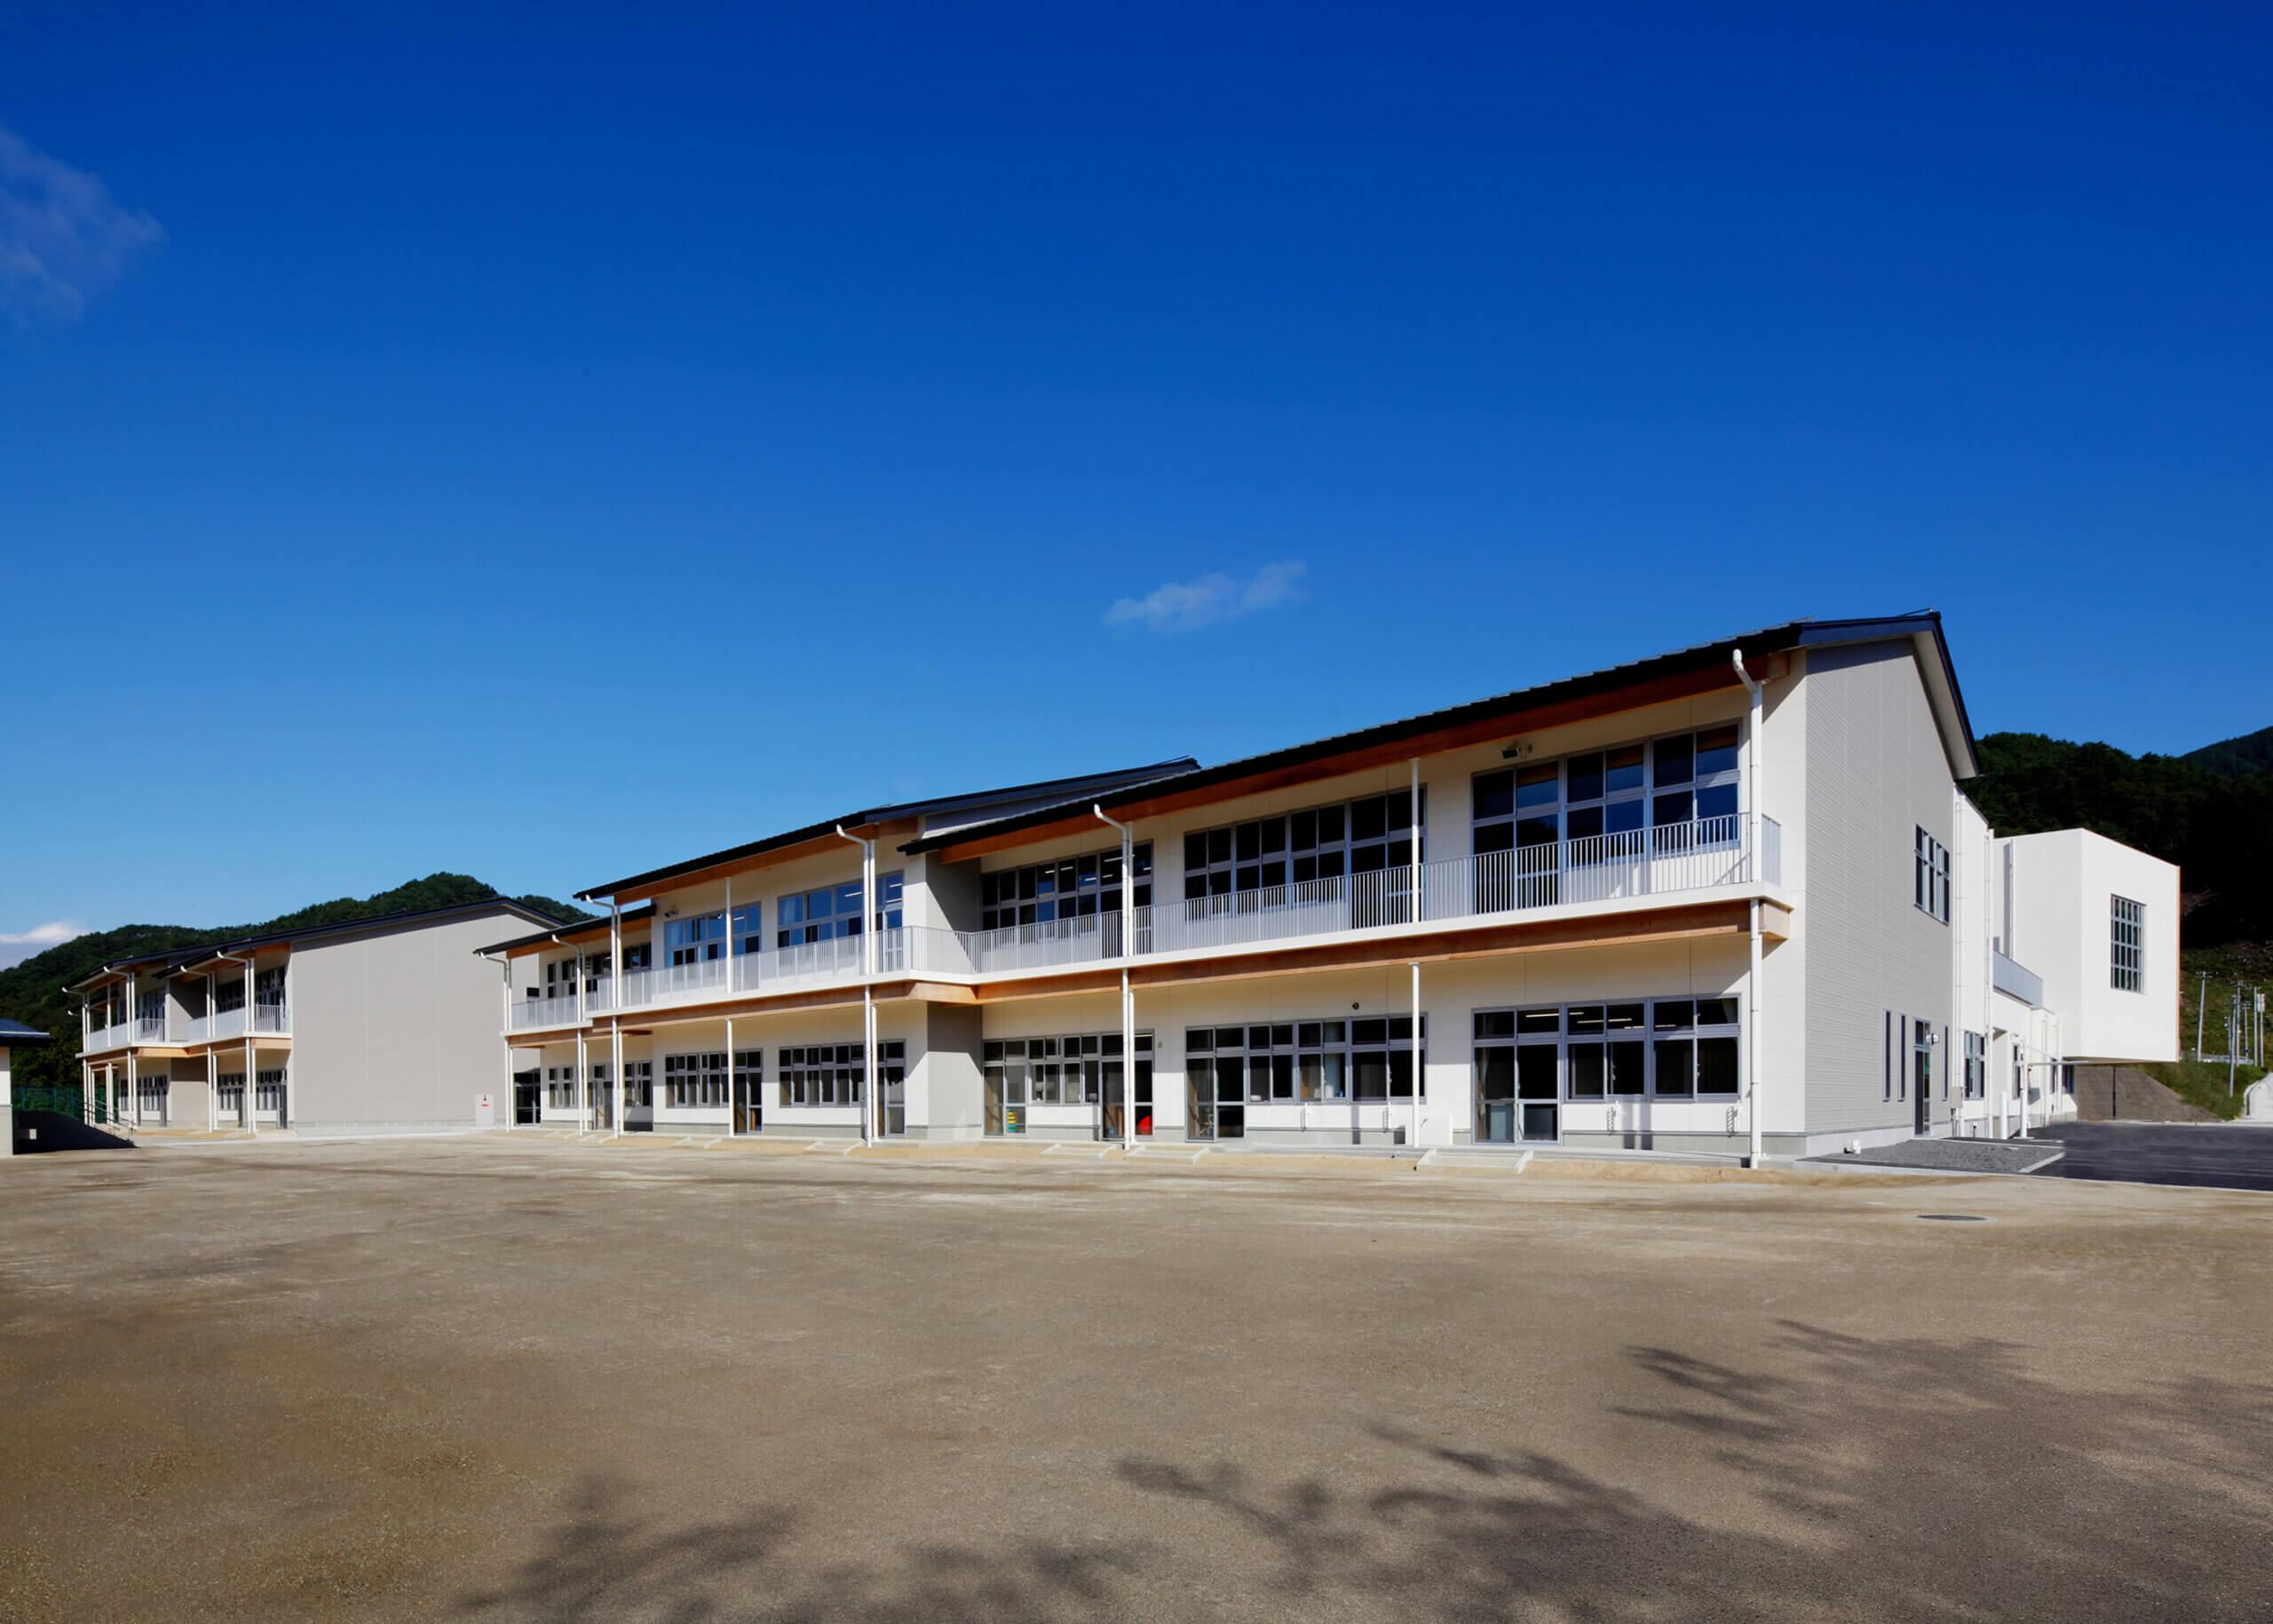 木造建築の施工事例:大槌町立大槌学園小中一貫教育校(校舎棟) 4枚目